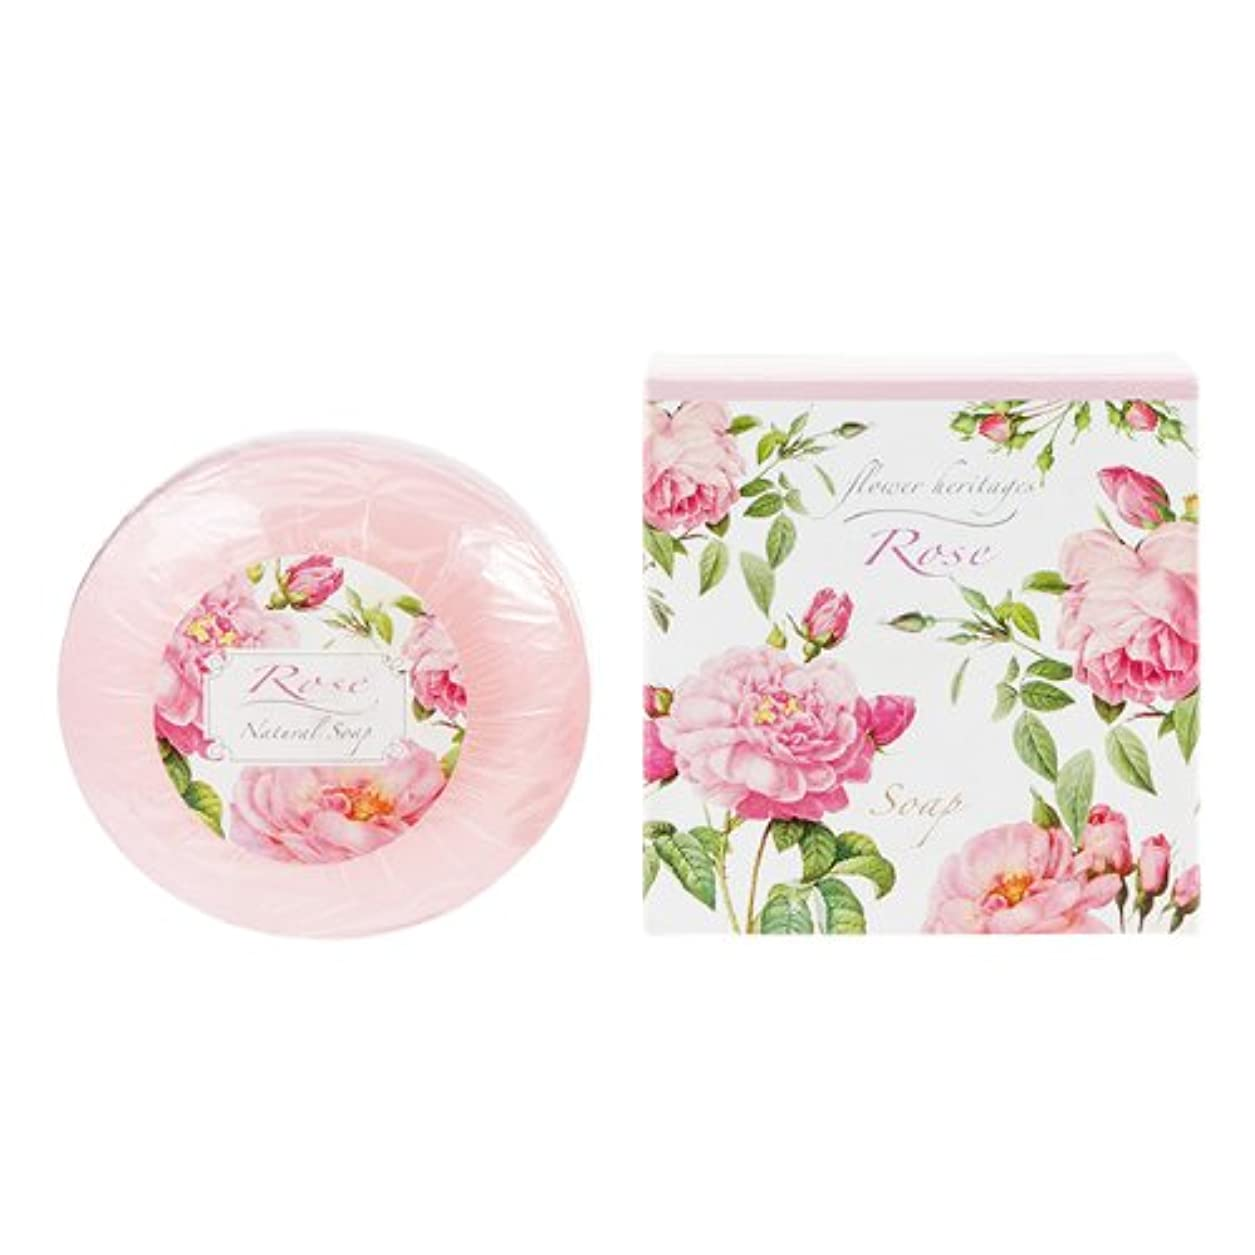 ネイチャータッチ (Nature Touch) Flower Heritage ソープ120g/ローズ